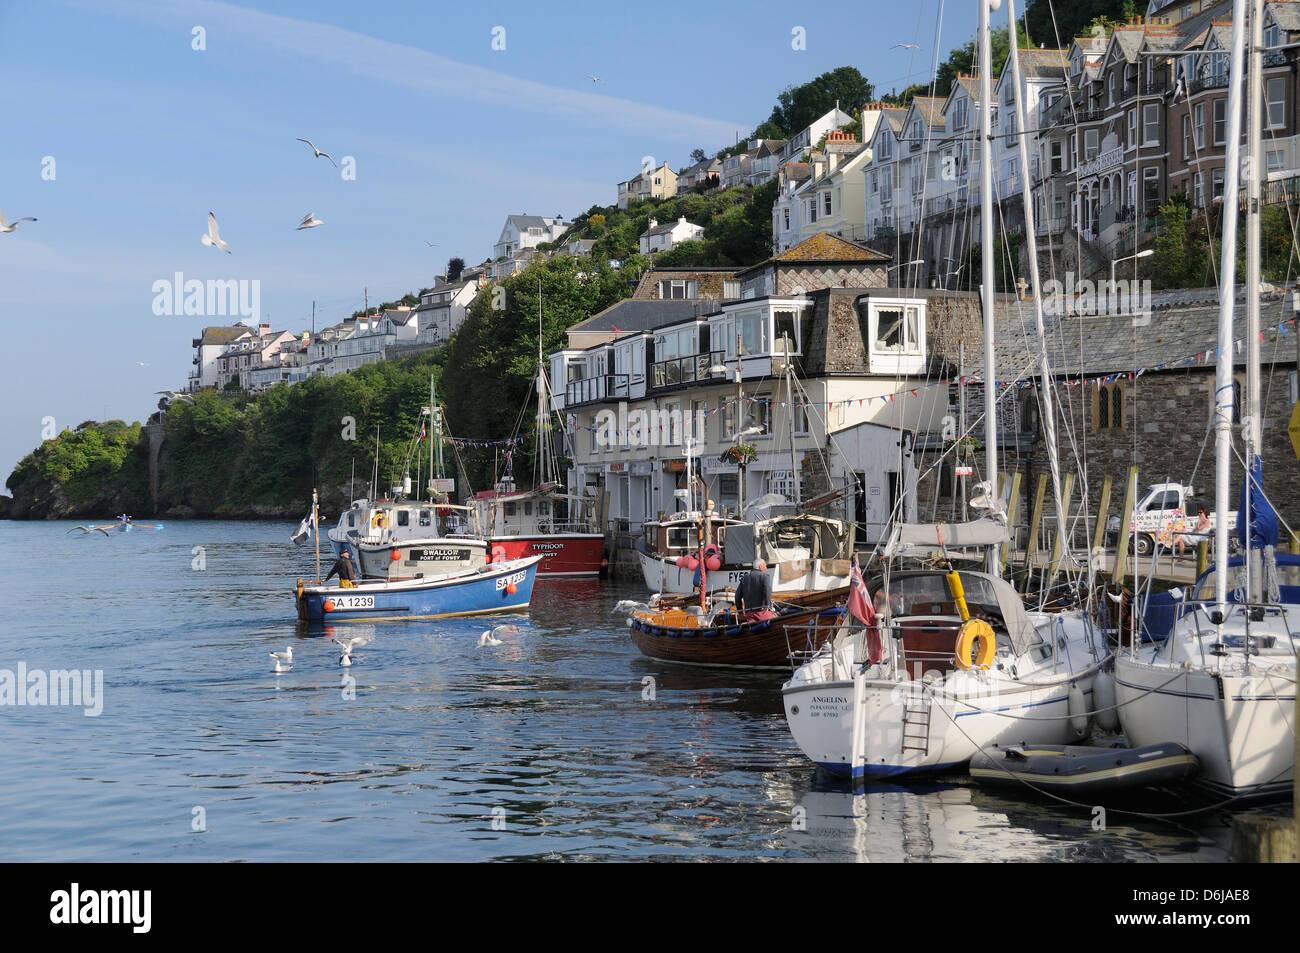 Bateau de pêche à venir dans d'amarrer à côté d'autres bateaux de pêche et Photo Stock